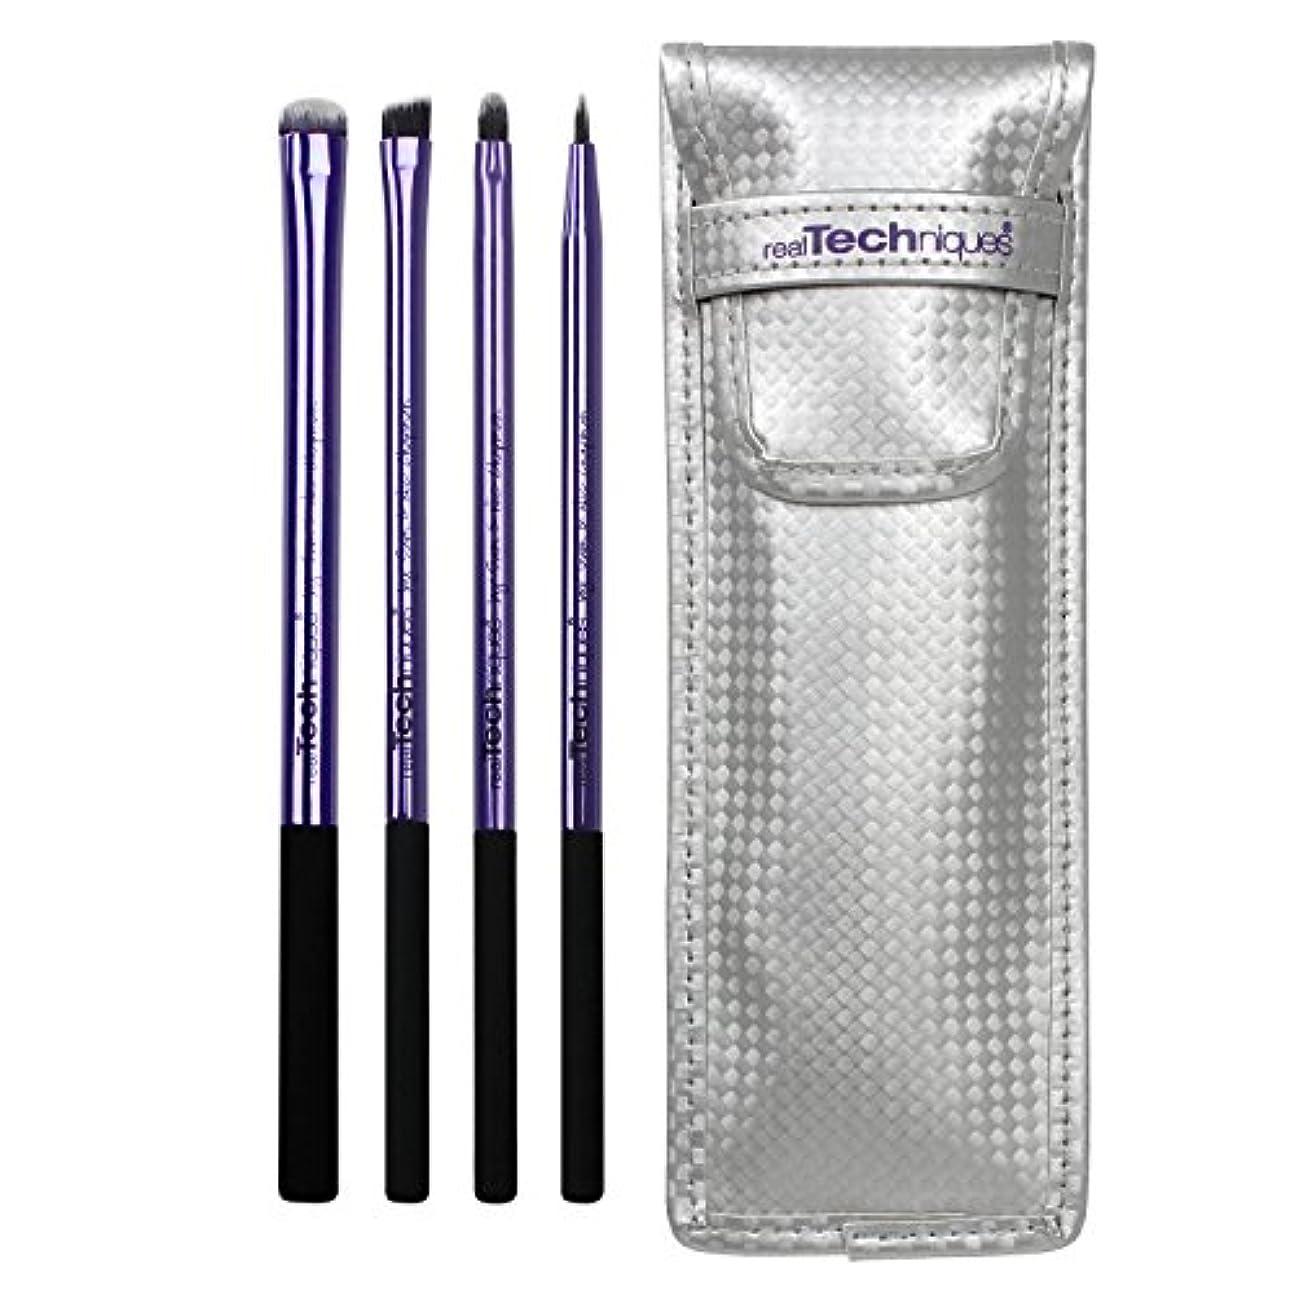 アラブサラボ慣れる音節Real Techniques Limited Edition Eyelining Set Plush Synthetic Bristles (並行輸入品)